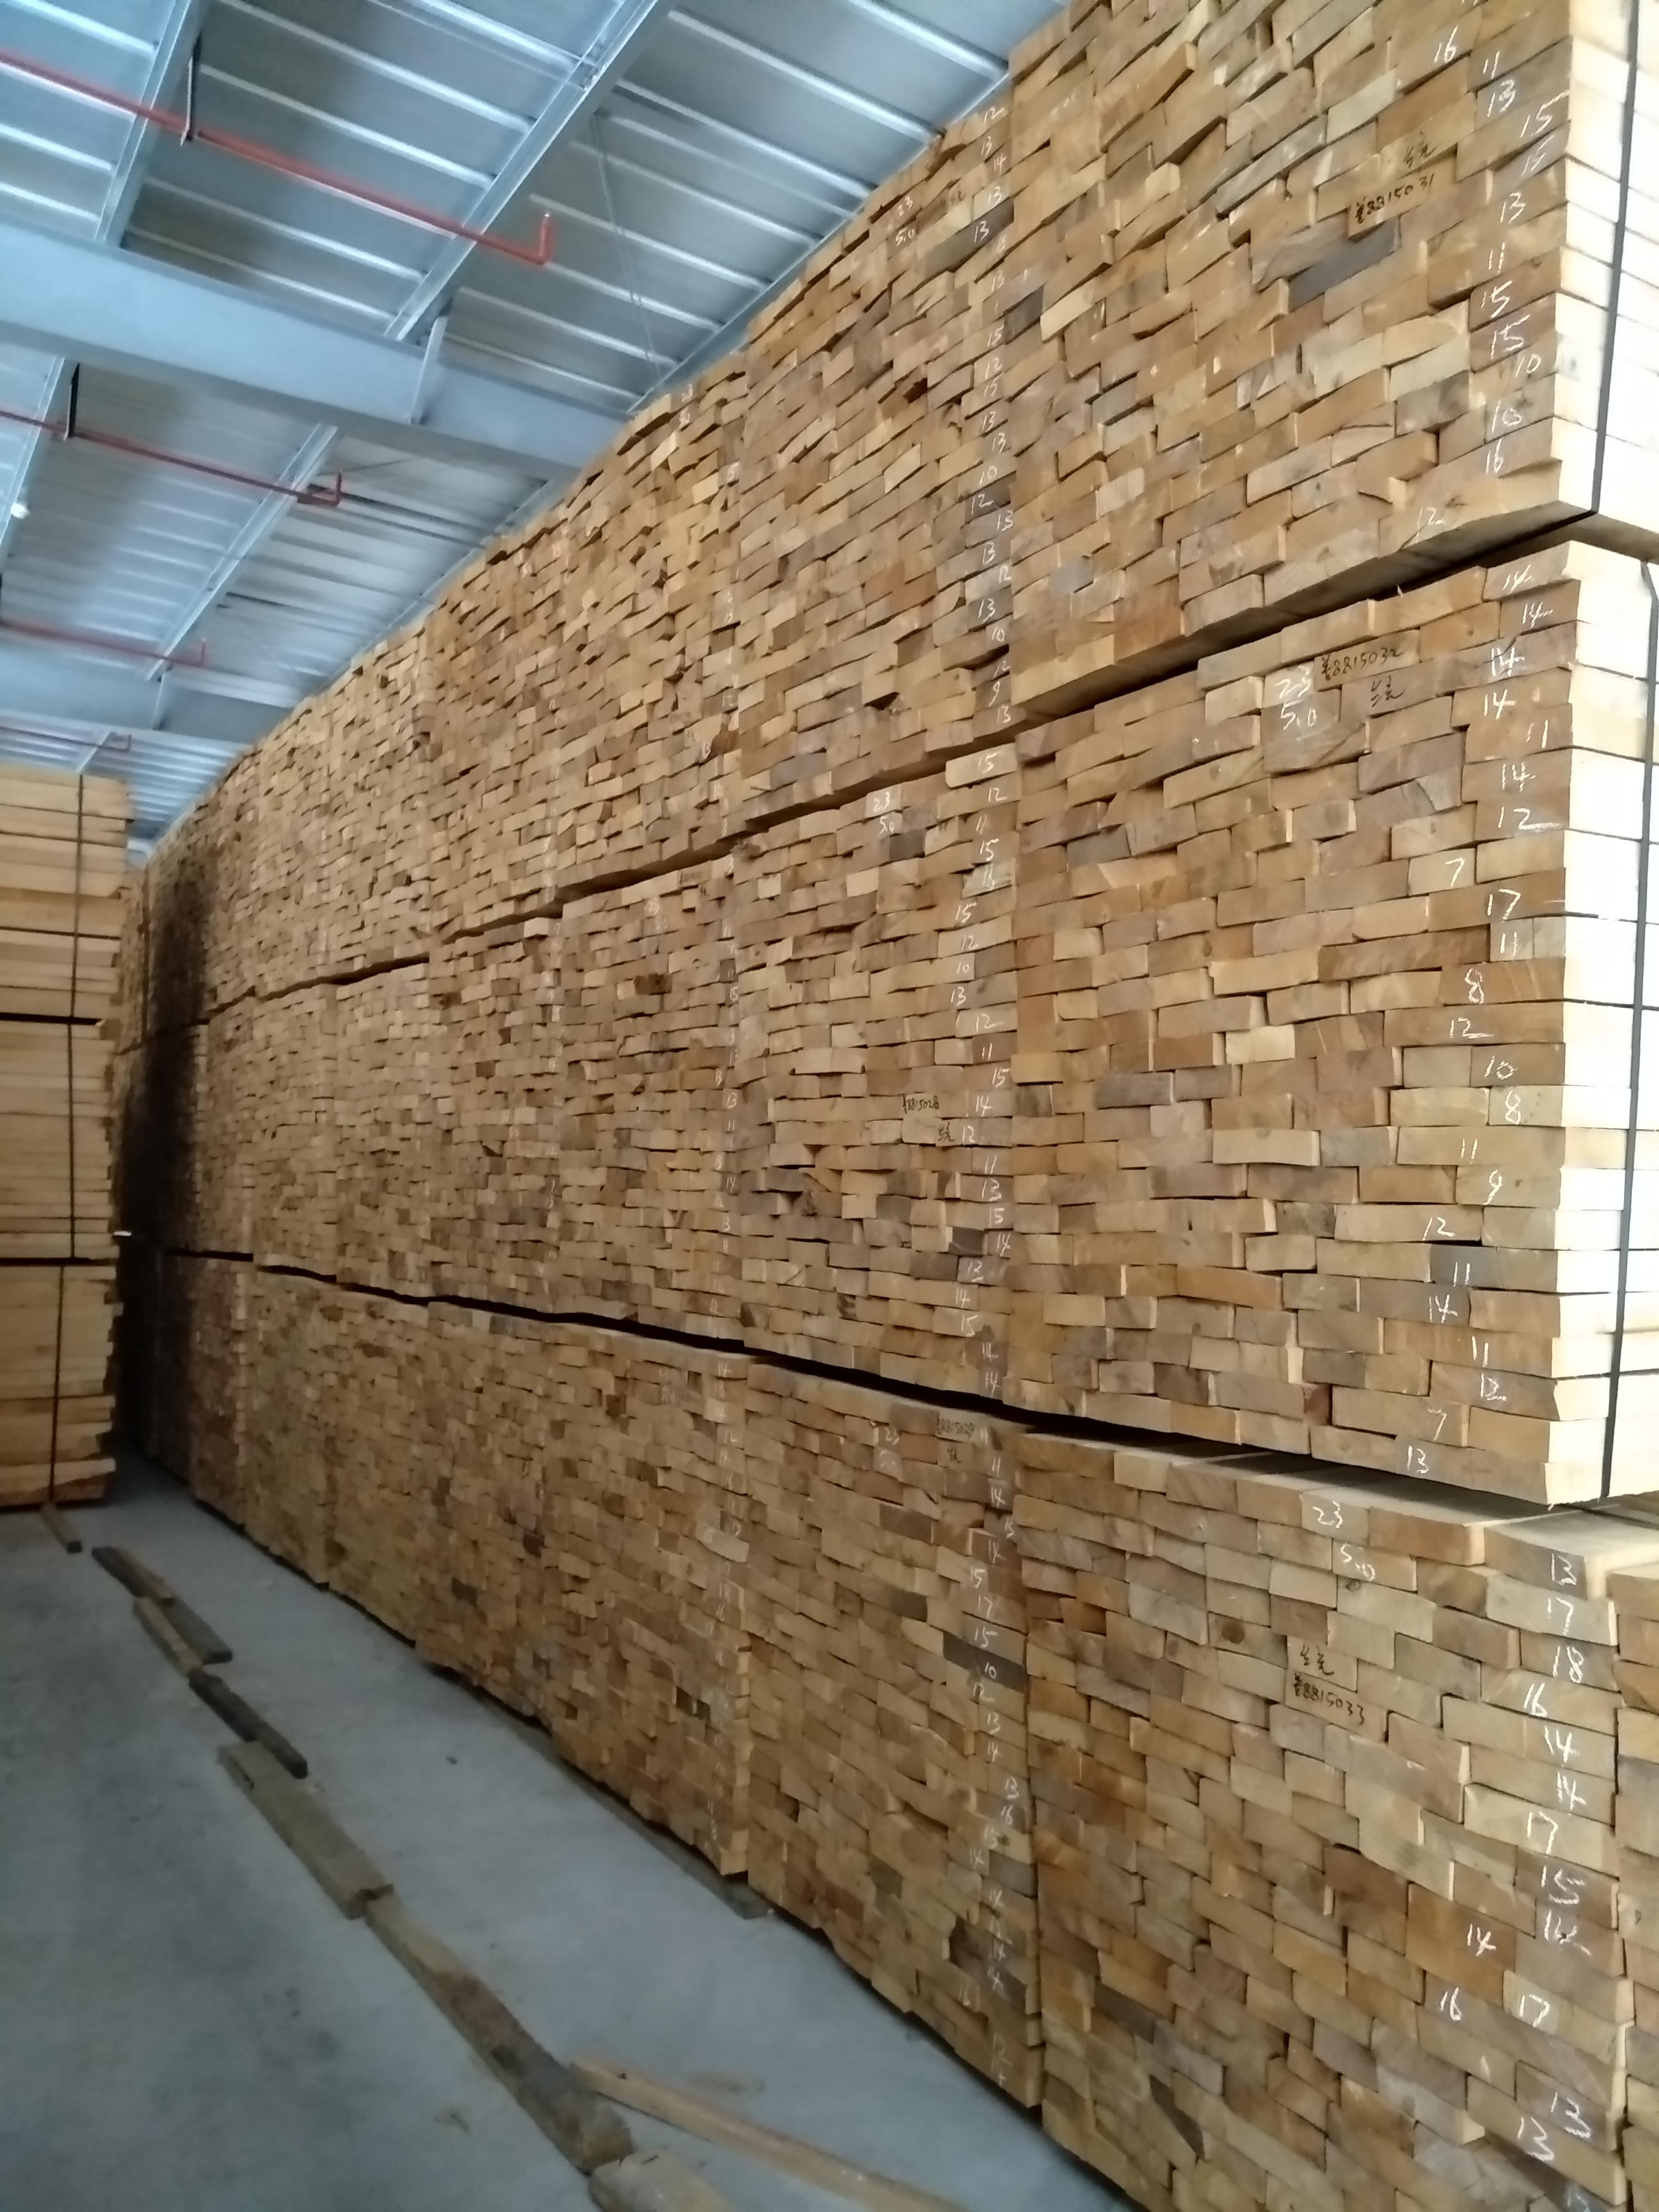 大量供应桦木实木板 供应桦木实木板 直销桦木实木板 桦木实木板厂家 桦木实木板哪家好